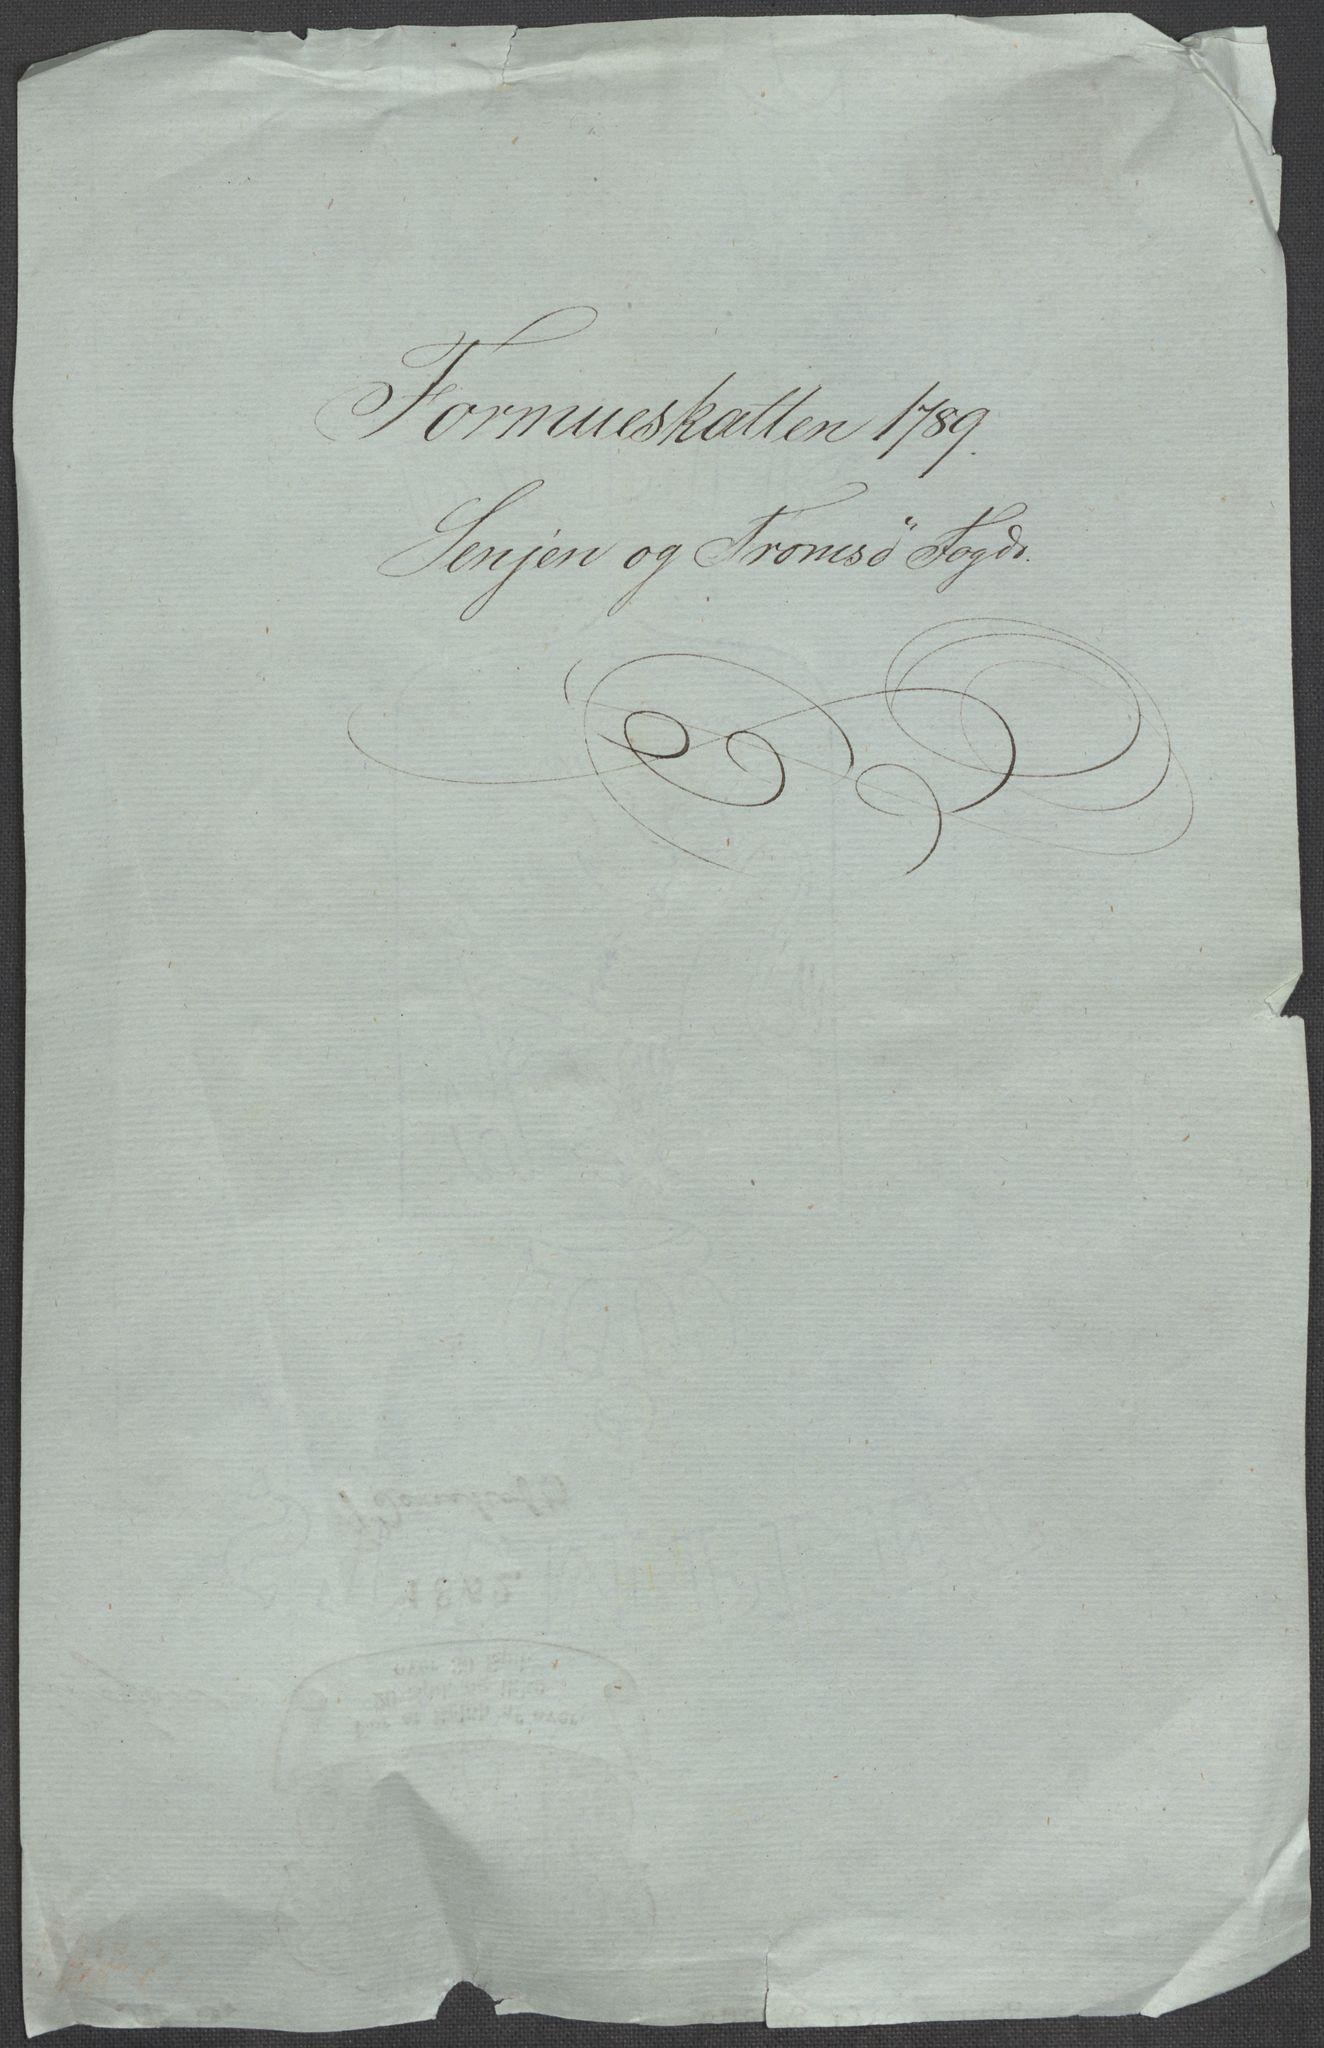 RA, Rentekammeret inntil 1814, Reviderte regnskaper, Mindre regnskaper, Rf/Rfe/L0042:  Senja og Troms fogderi, 1789, s. 3